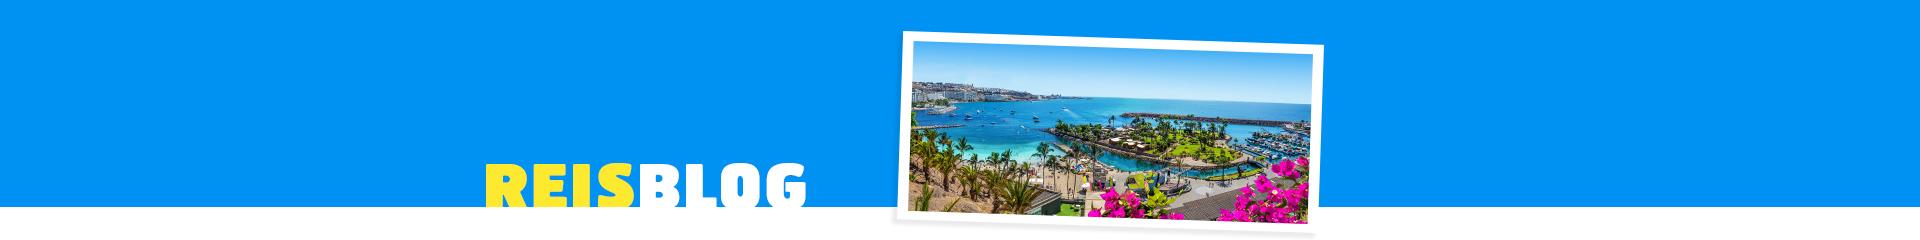 Uitzicht op een prachtige baai met helderblauwe zee op de Canarische Eilanden